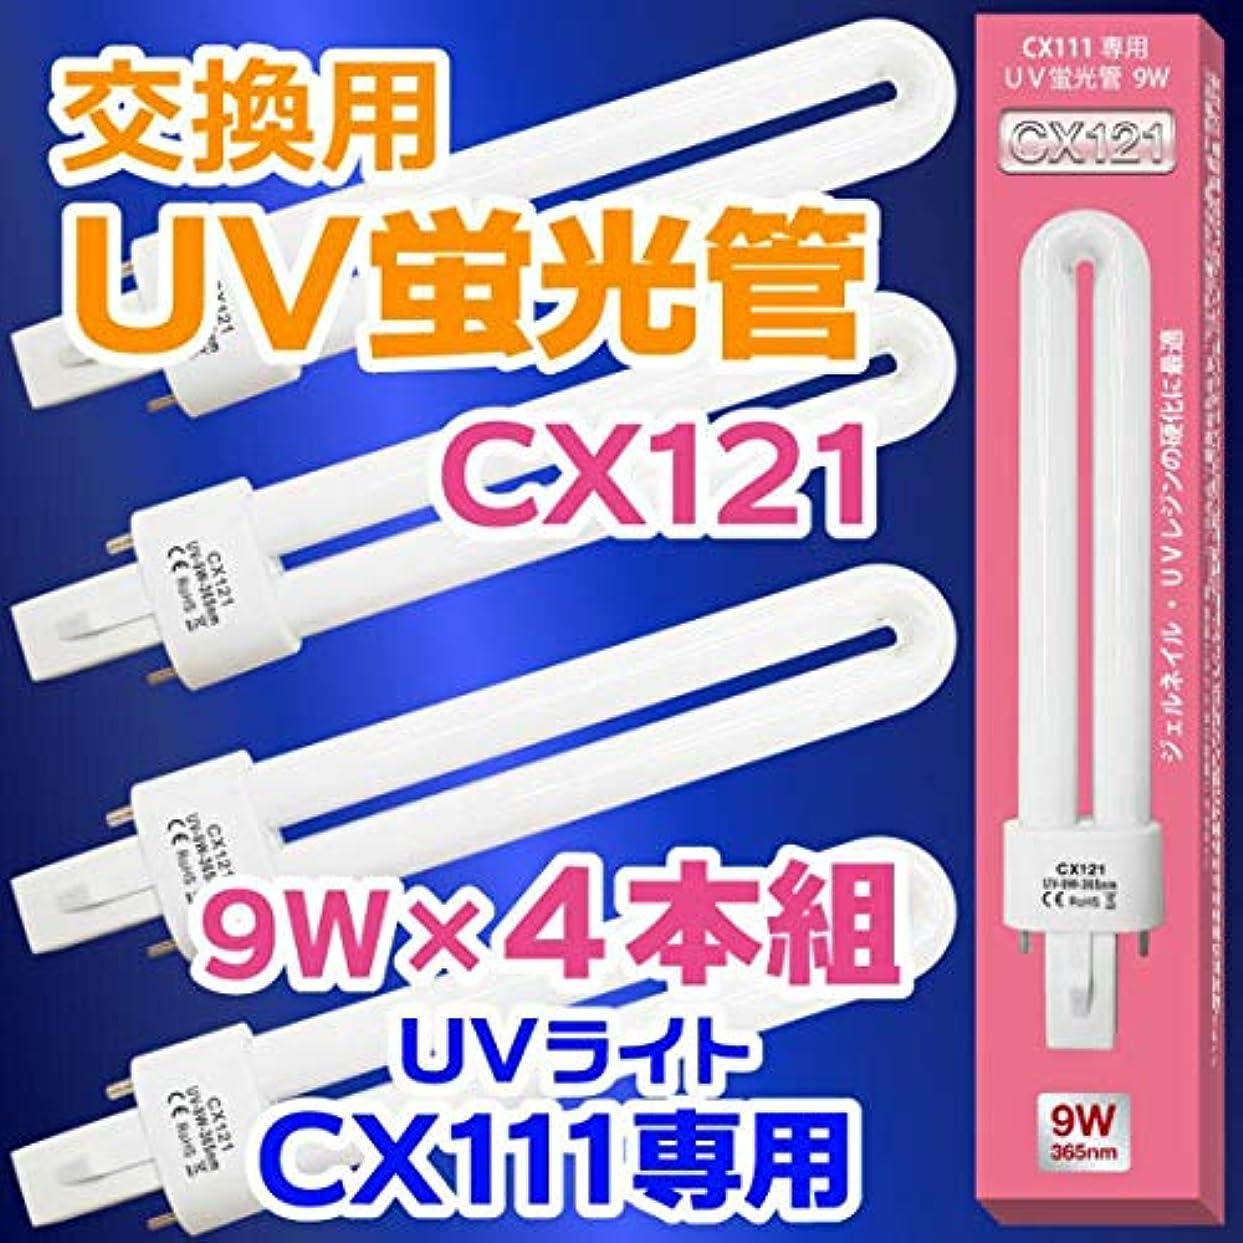 一生やりがいのある義務づけるUVライト交換用電球 替え電球 9W×4本セット36W UVバルブ ネイル uv蛍光管 36WUVライト用 紫外線蛍光灯 UVランプ お得感